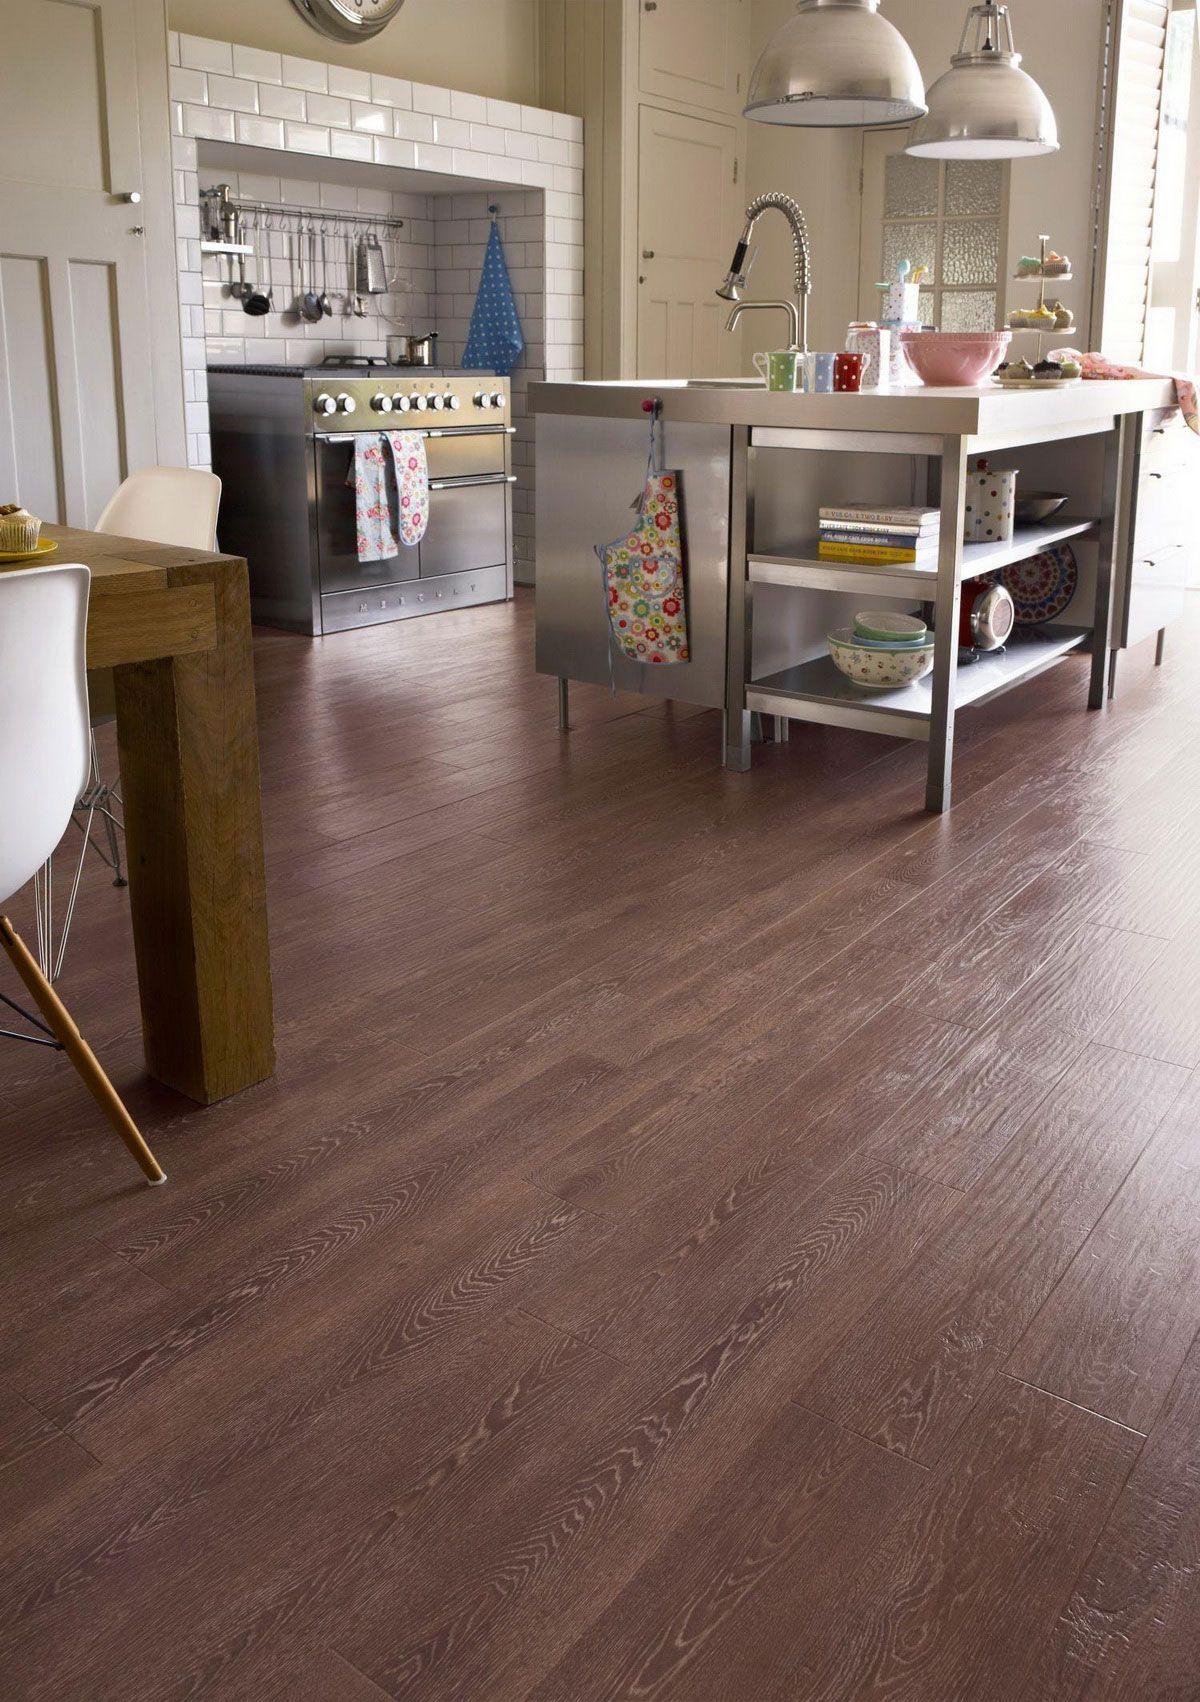 Fabulous Vinyl Floor Concepts Internal Decor in 2020